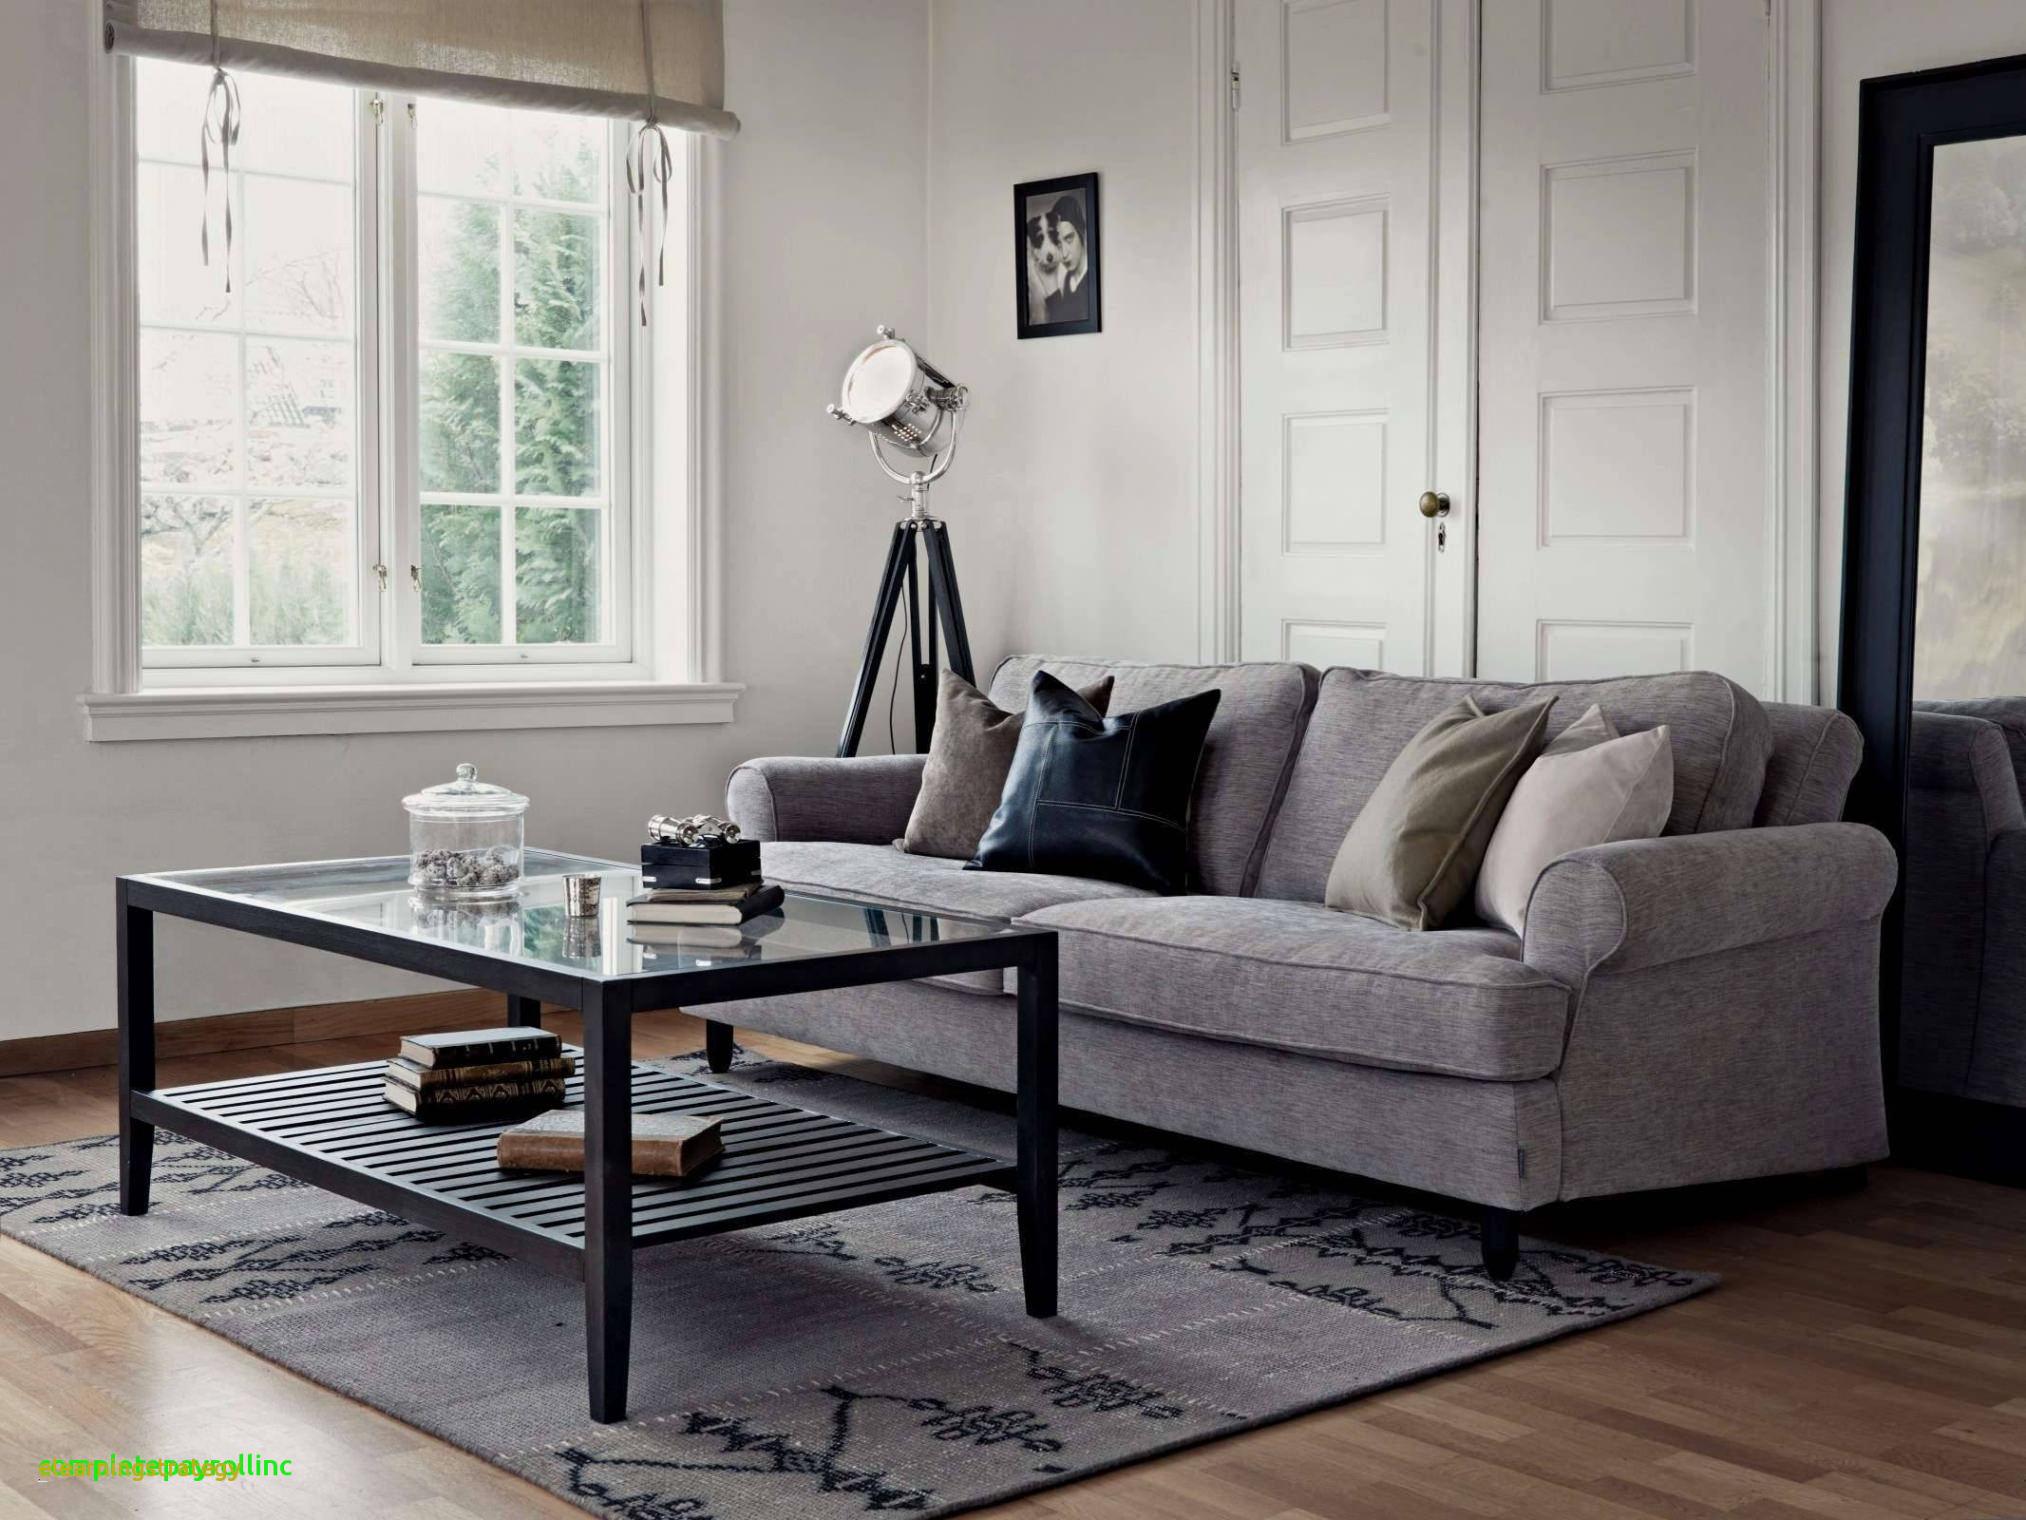 Full Size of Den Edel Sofas Für Kleine Wohnzimmer überlegung ? Elearningstrategy   Schmale Räume Einrichten Wohnzimmer Sofa Kleines Wohnzimmer